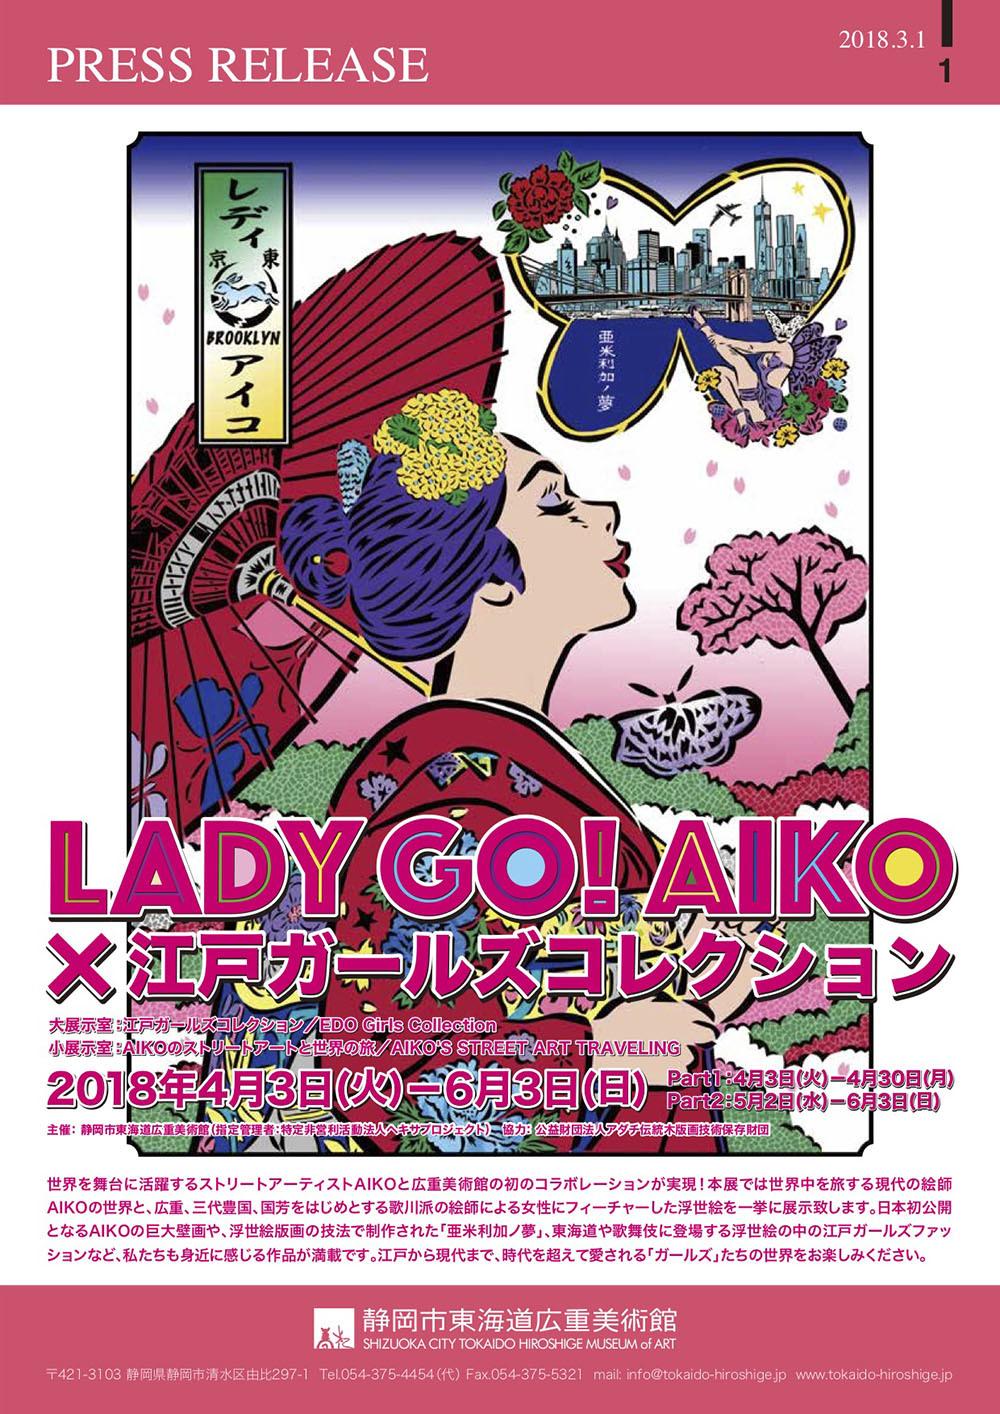 Aikoさん日本初の個展が静岡で開催されます_a0077842_20093339.jpg